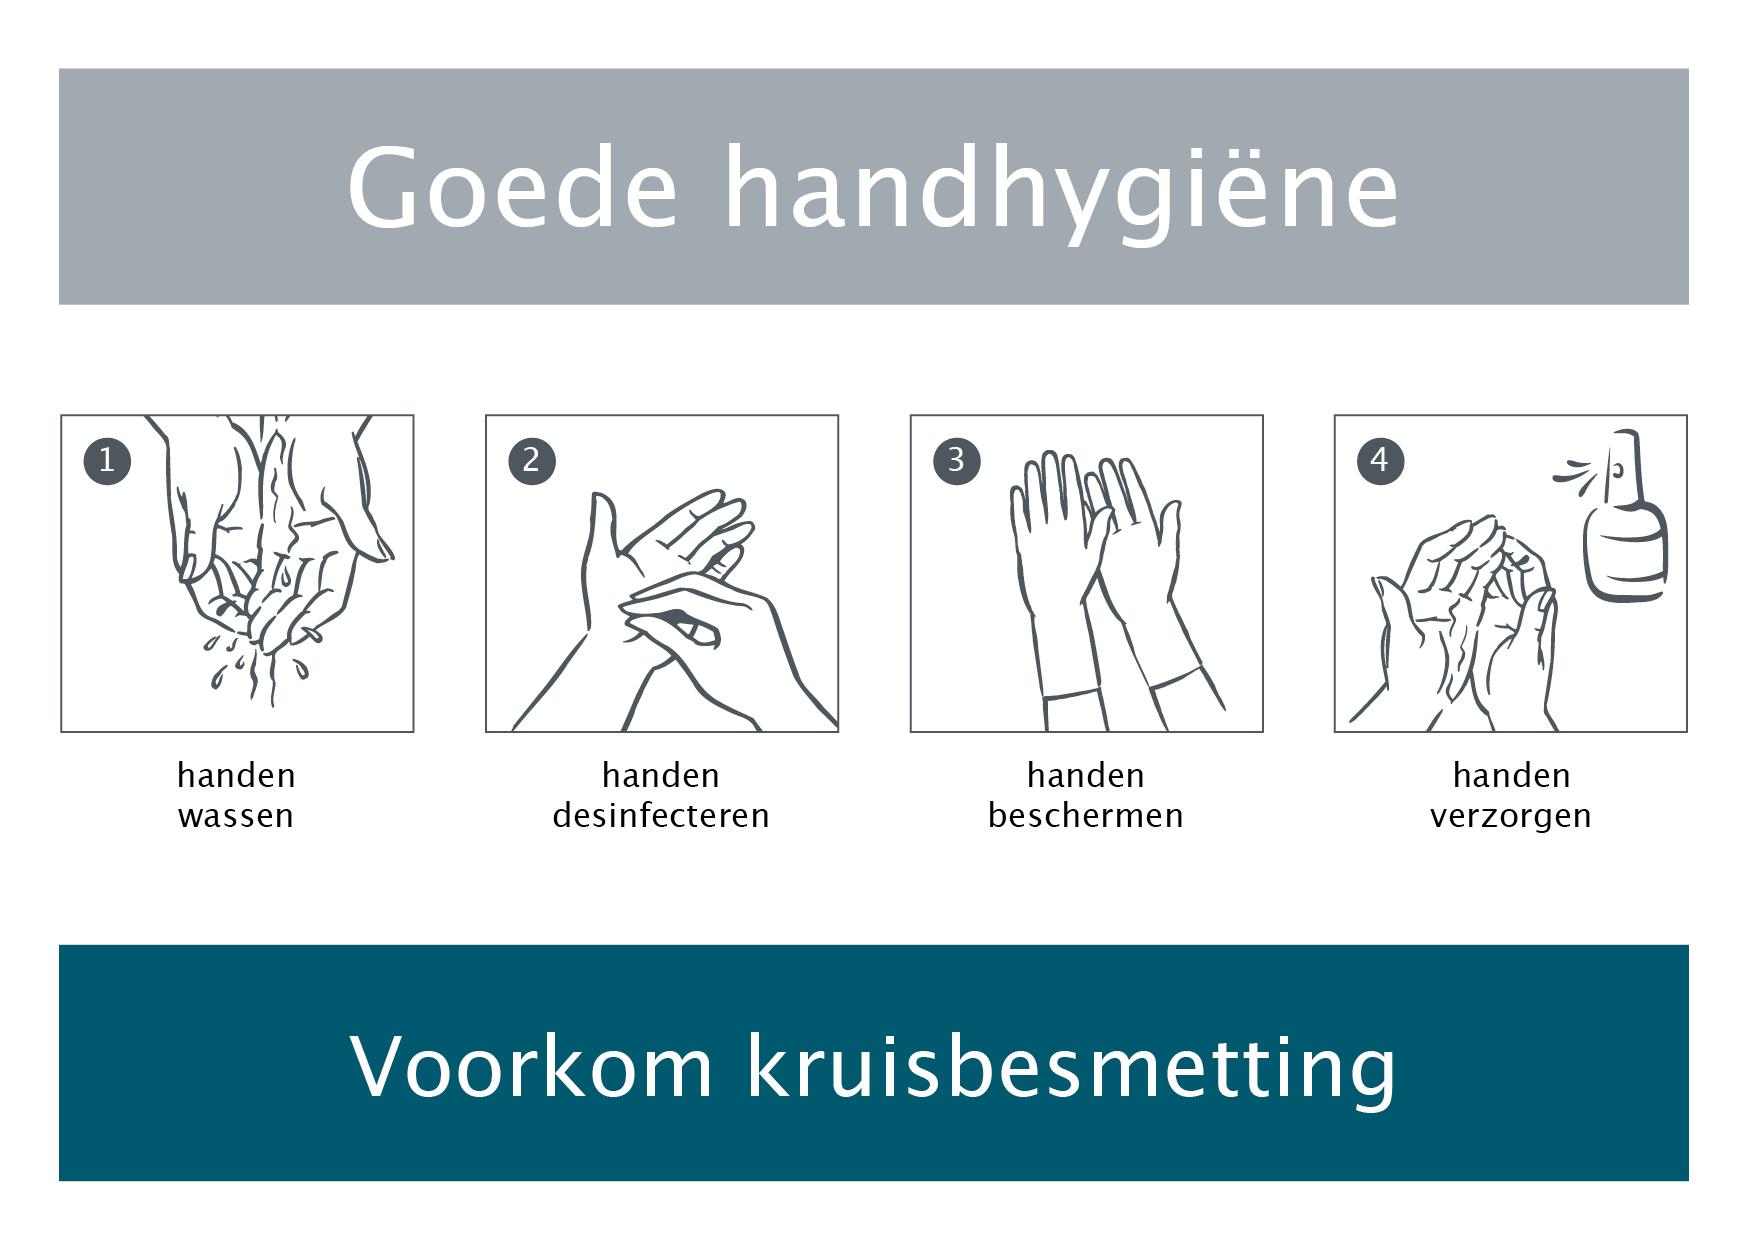 handen desinfecteren protocol